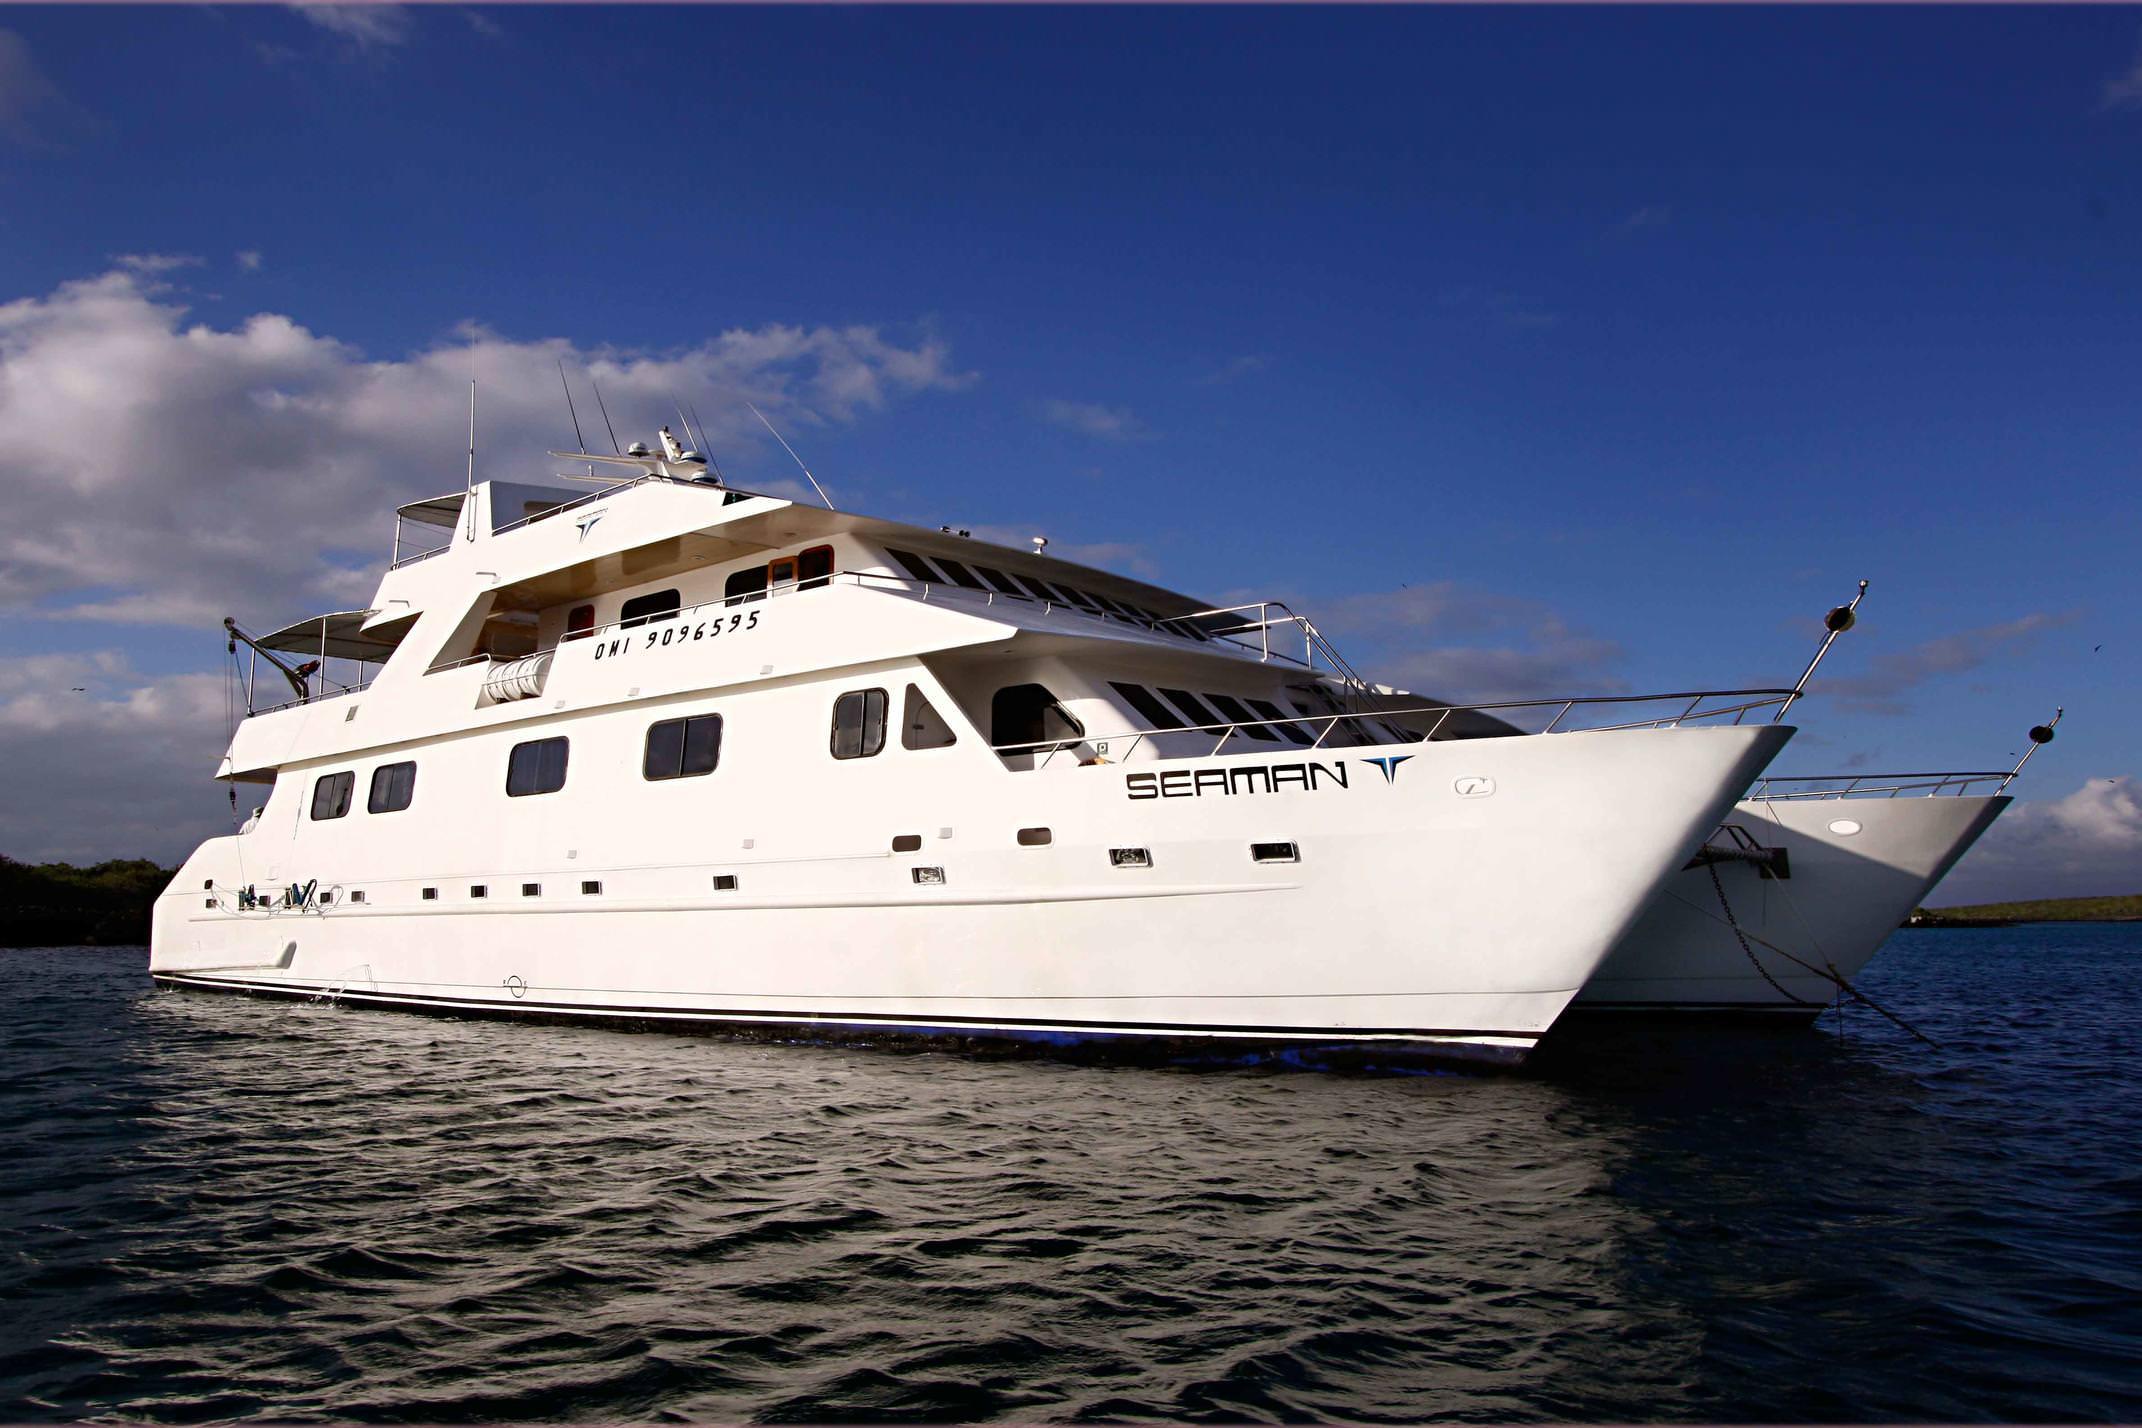 Galapagos seaman journey exterior